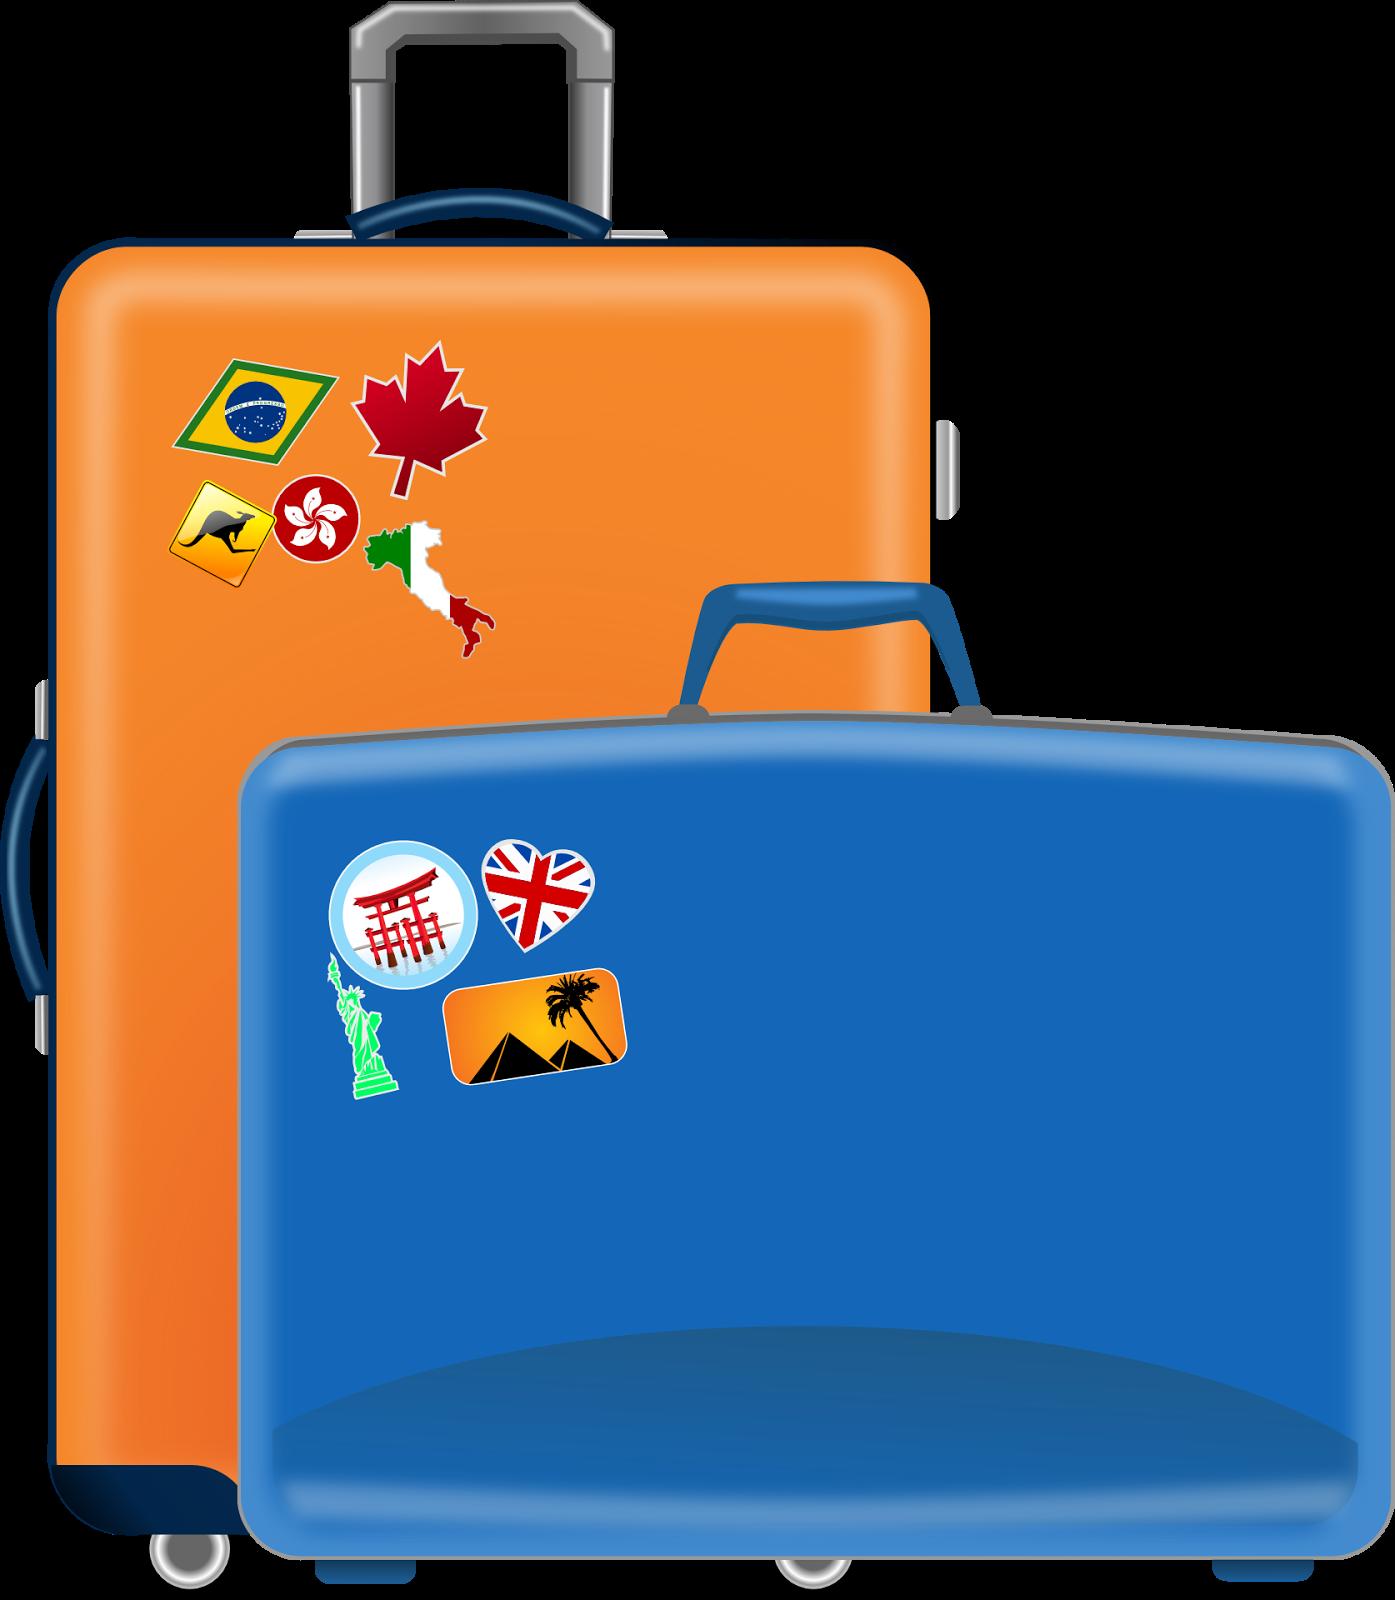 Scrapbook clipart travel. El tr fico de